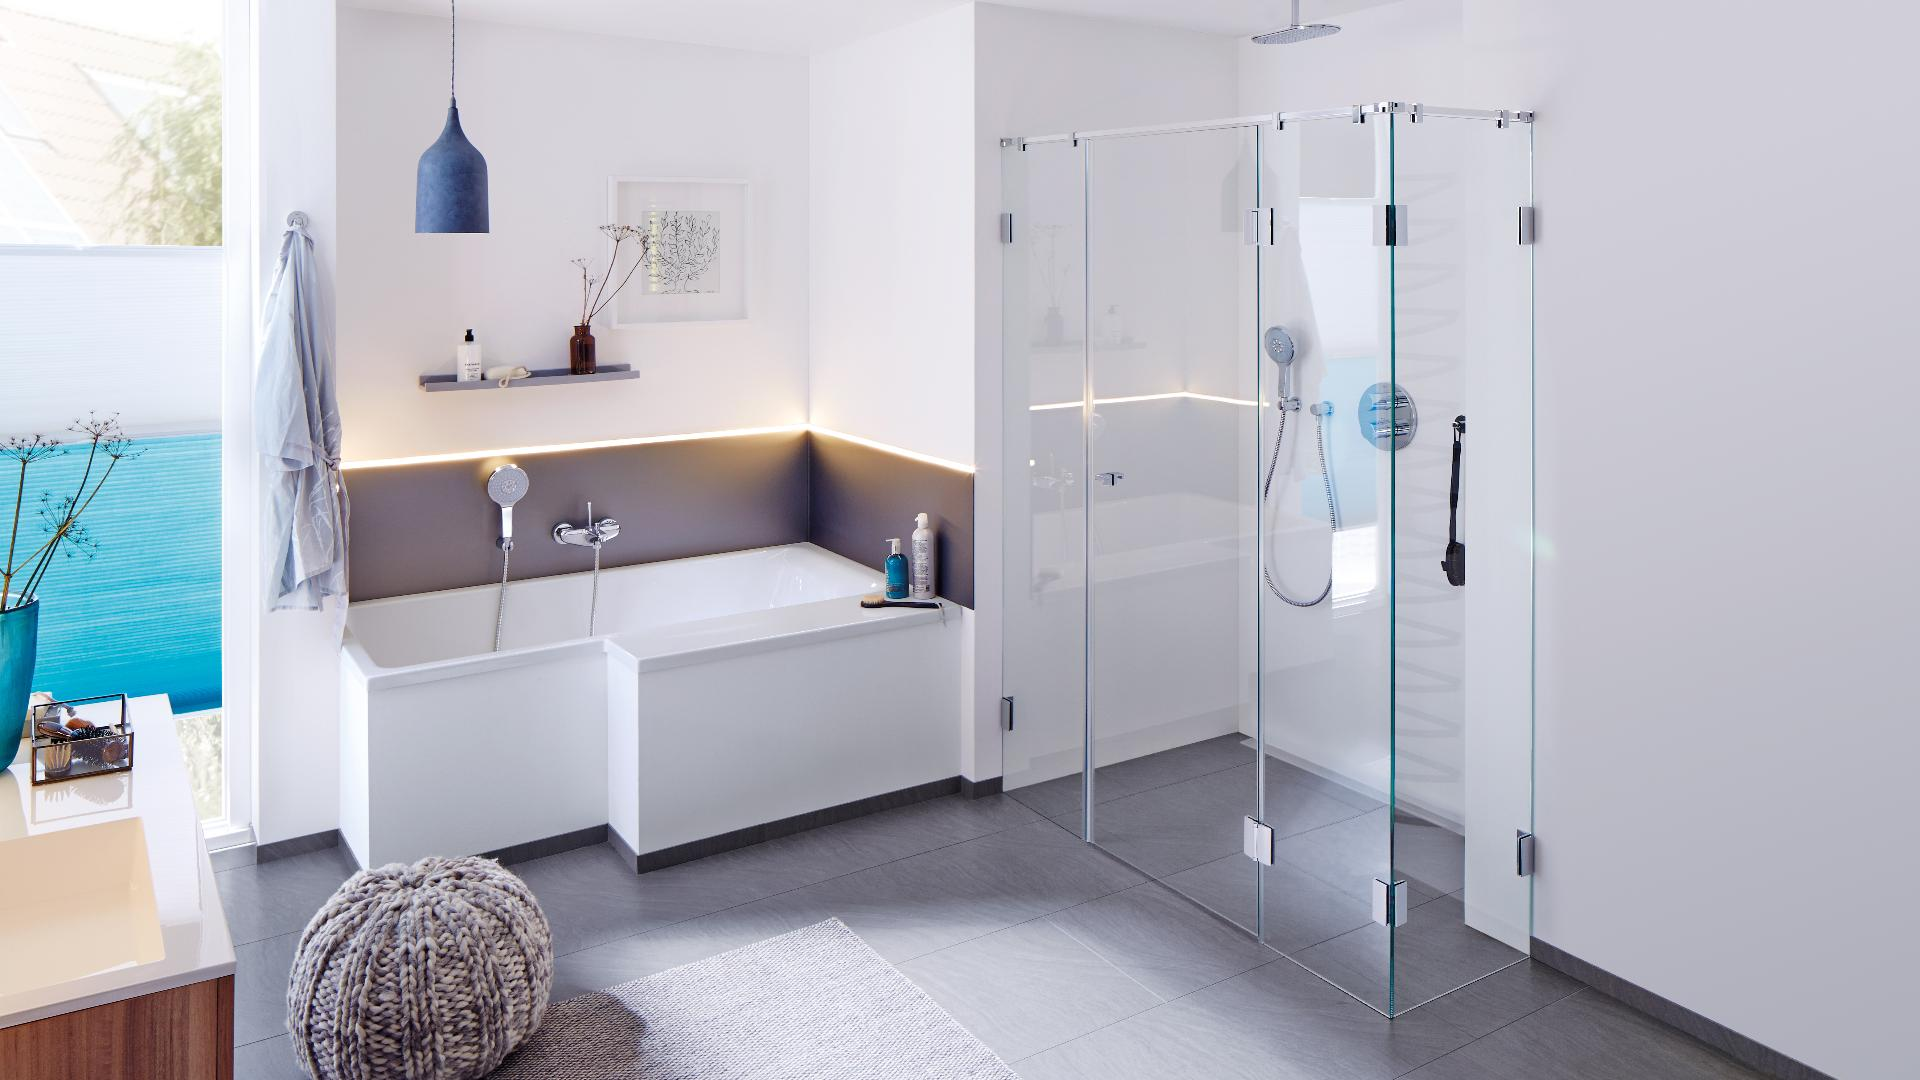 modernes Badezimmer mit Dusche mit Glastüren